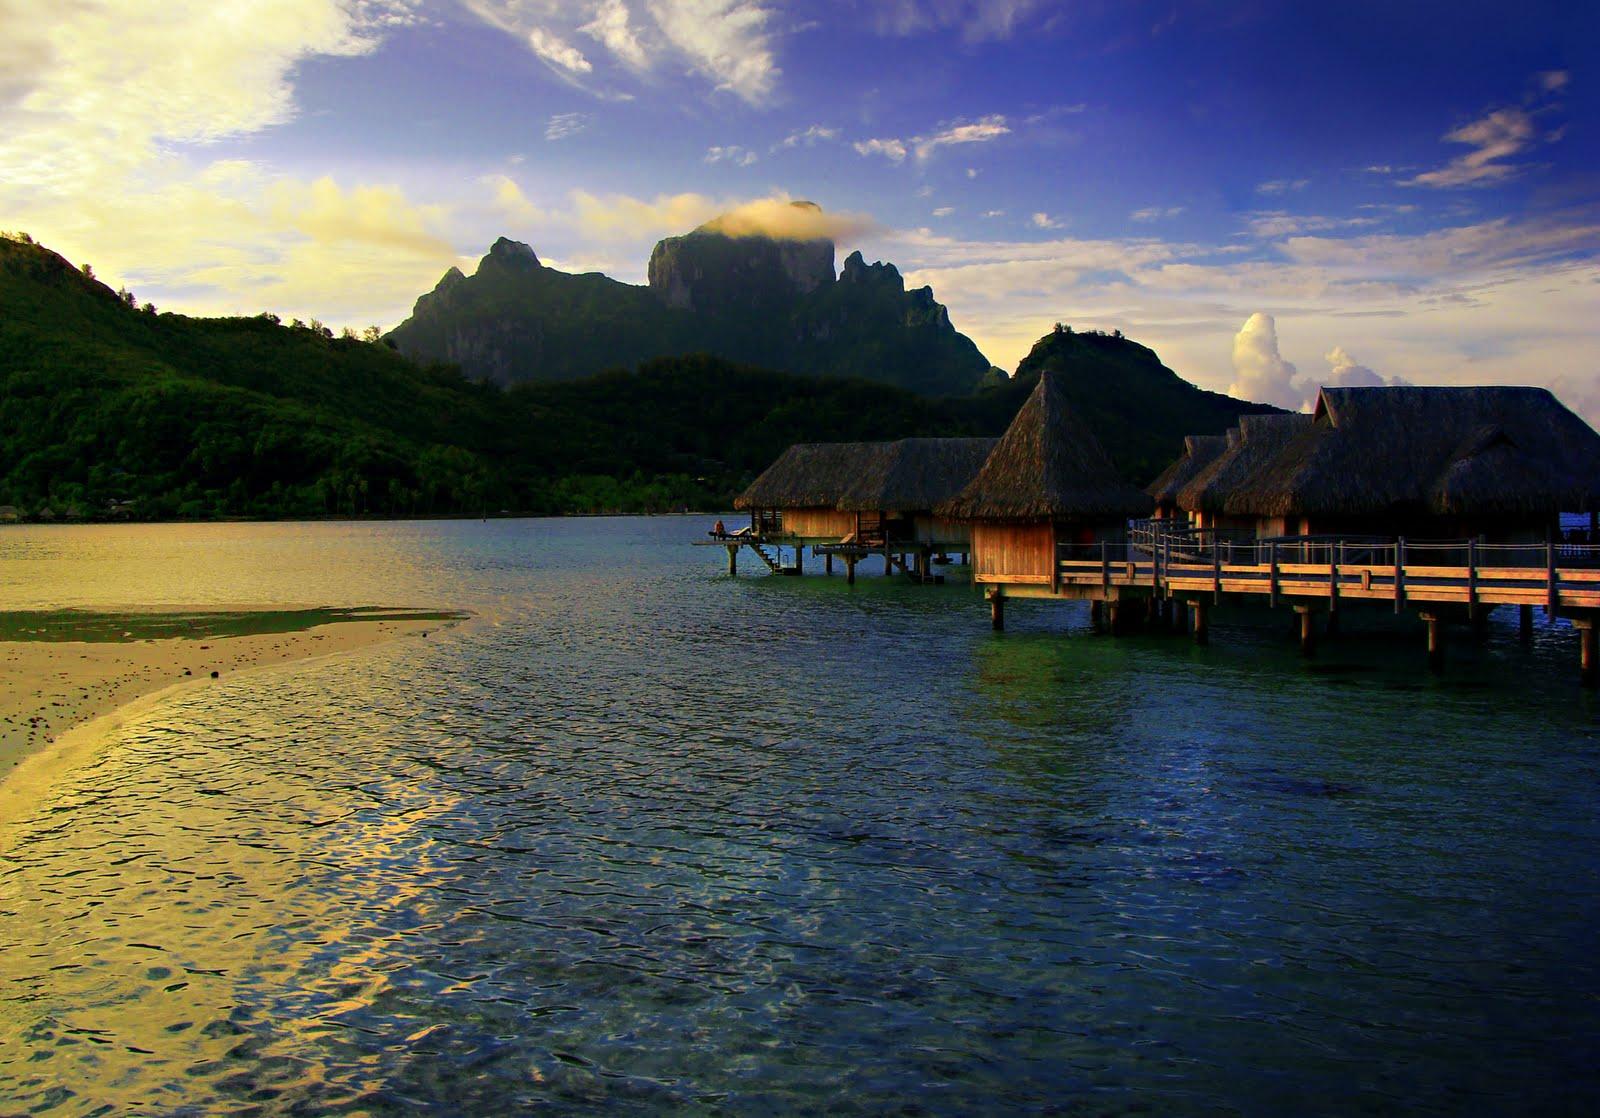 http://2.bp.blogspot.com/__5oFE11MvK8/TAeAsZ0f9UI/AAAAAAAAFc4/6p3SKX5IZOo/s1600/Bora_Bora_French_Polynesia12.jpg